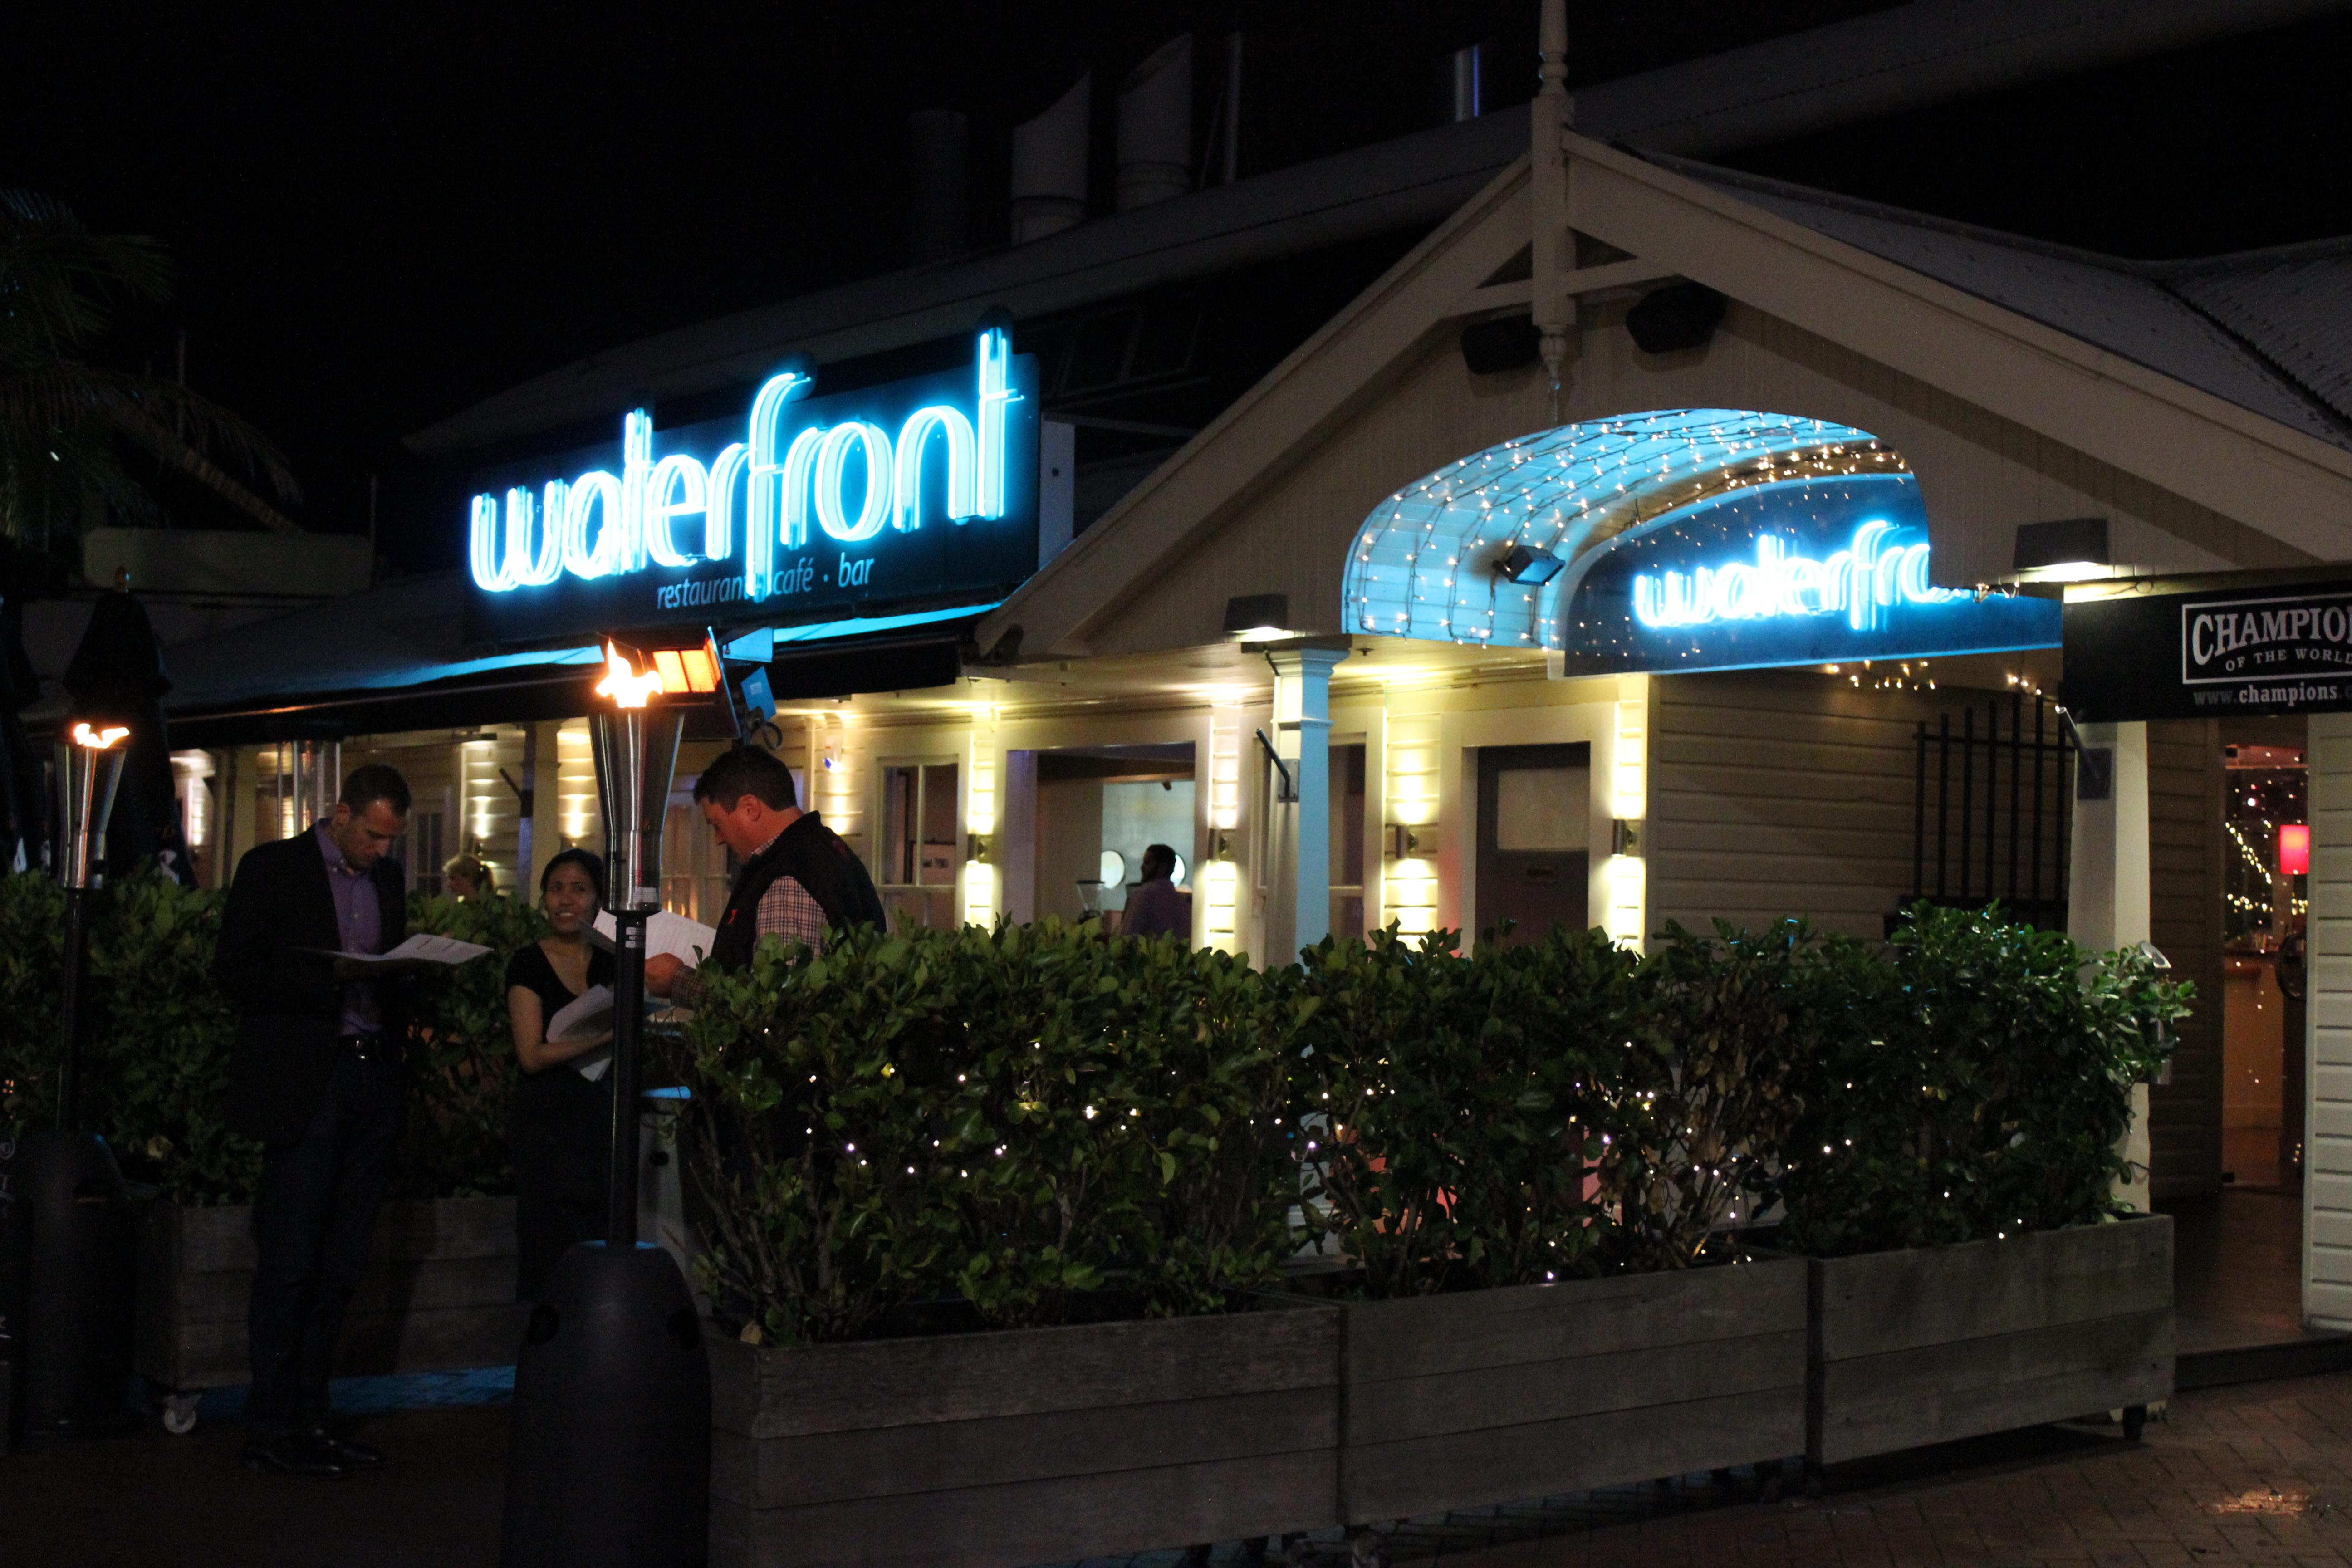 Viaduct Harbour restaurants